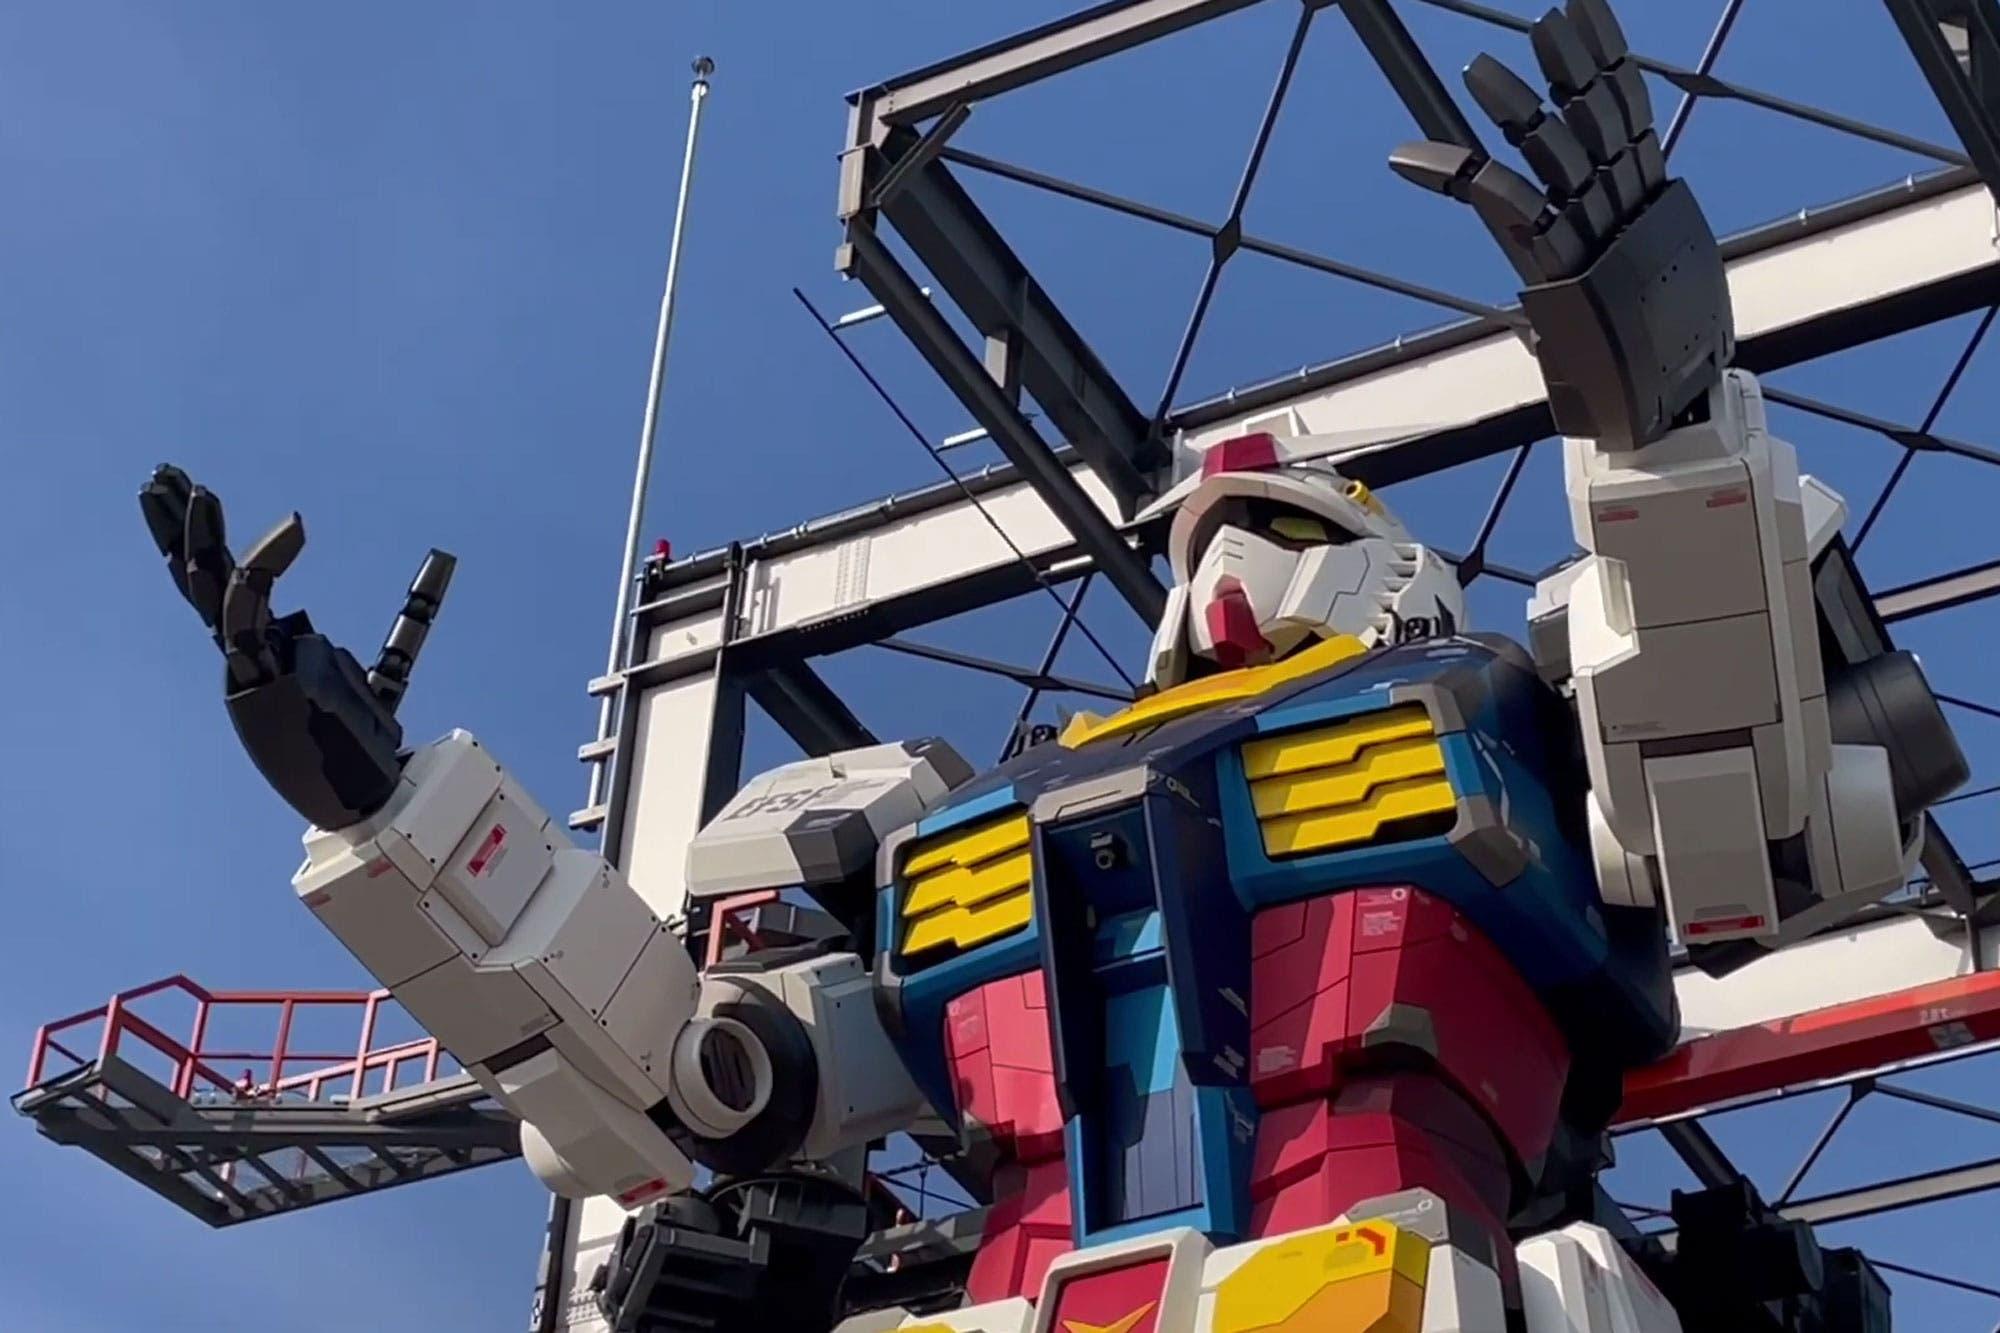 Con 18 metros: así es el enorme robot Gundam que camina y mueve los brazos en Japón